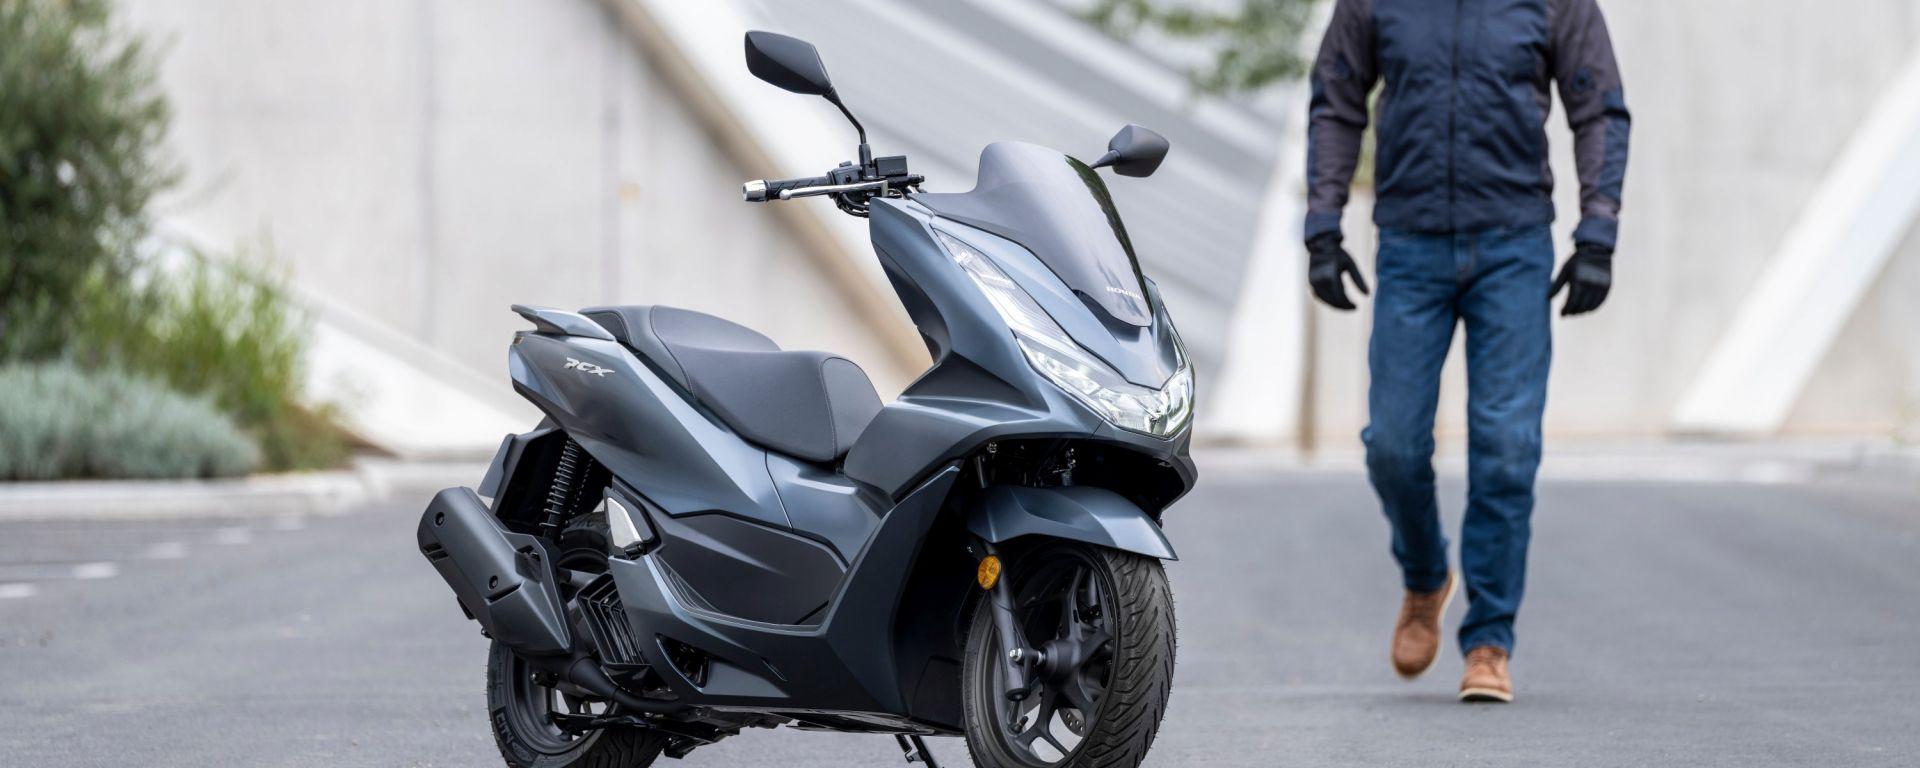 Honda PCX 125 2021: come cambia